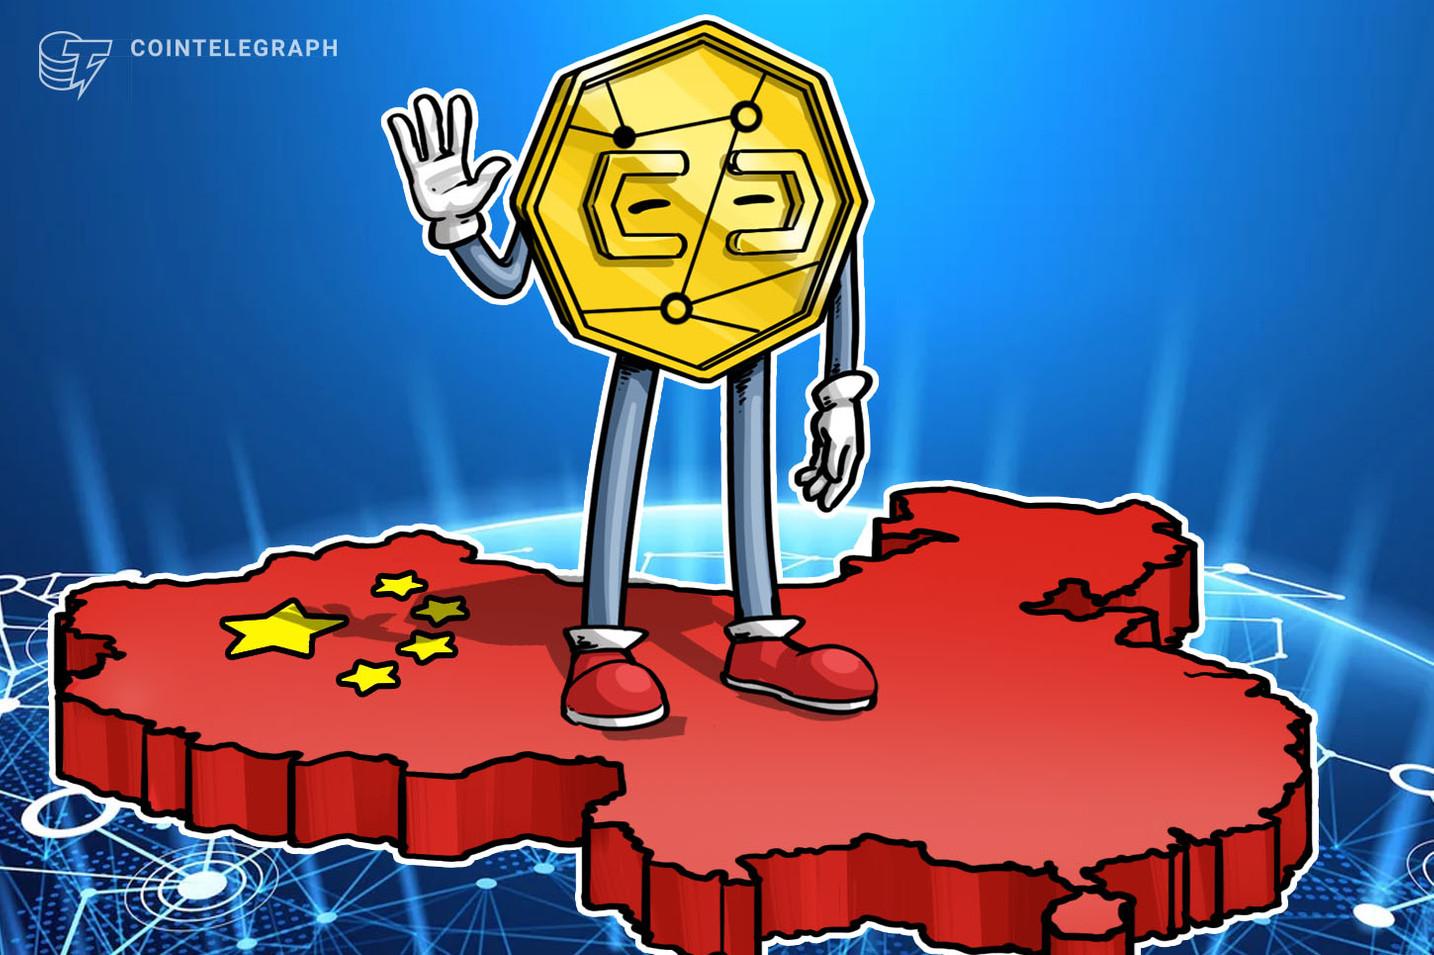 なぜ仮想通貨リブラを待つ?ファーウェイCEO、「中国なら簡単に作れる」と発言